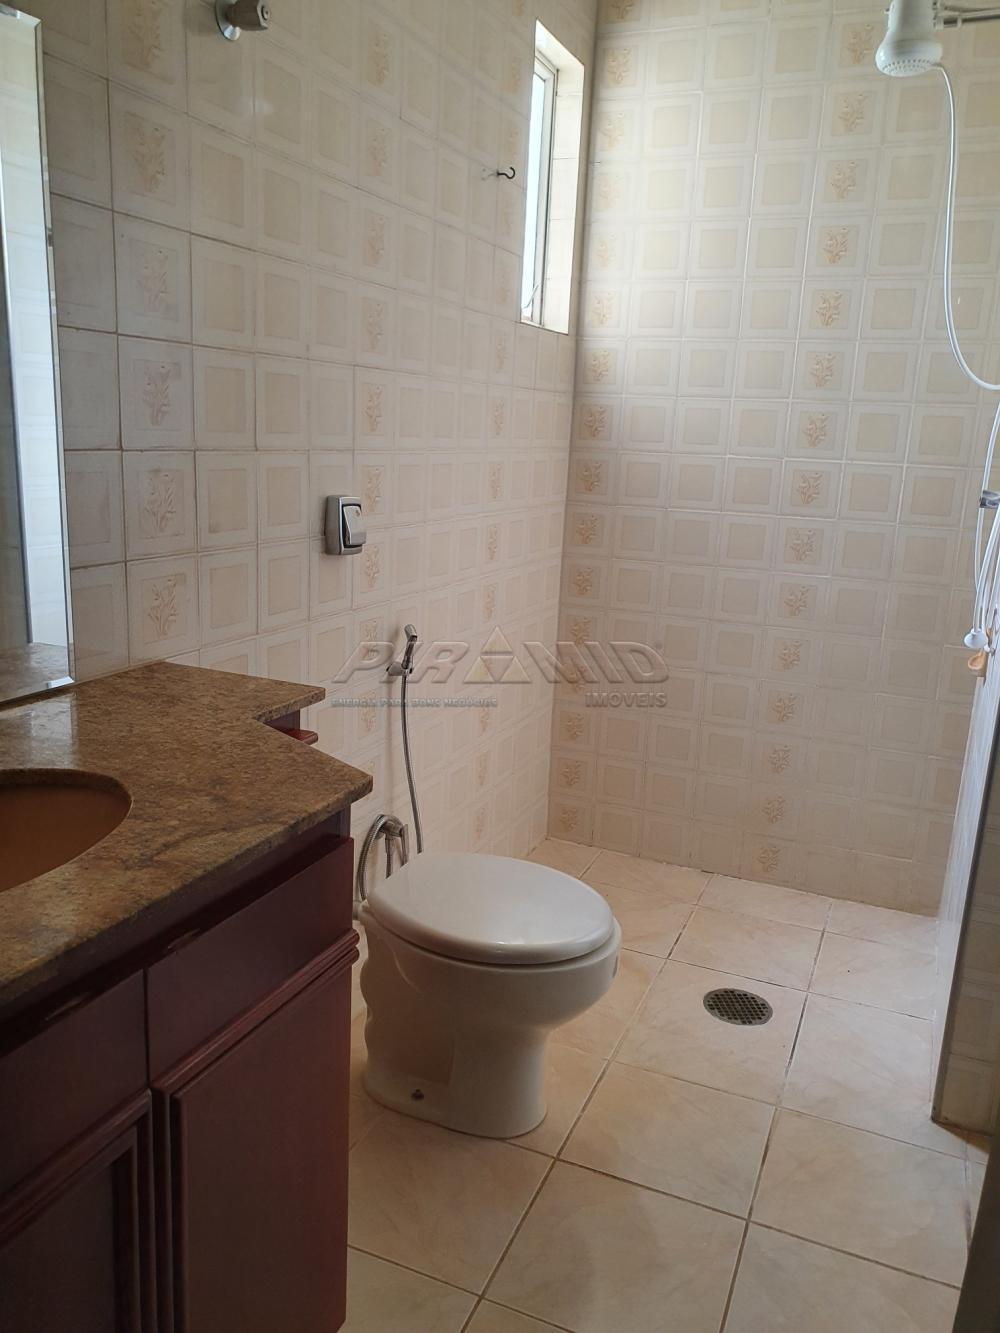 Comprar Apartamento / Padrão em Ribeirão Preto apenas R$ 260.000,00 - Foto 10